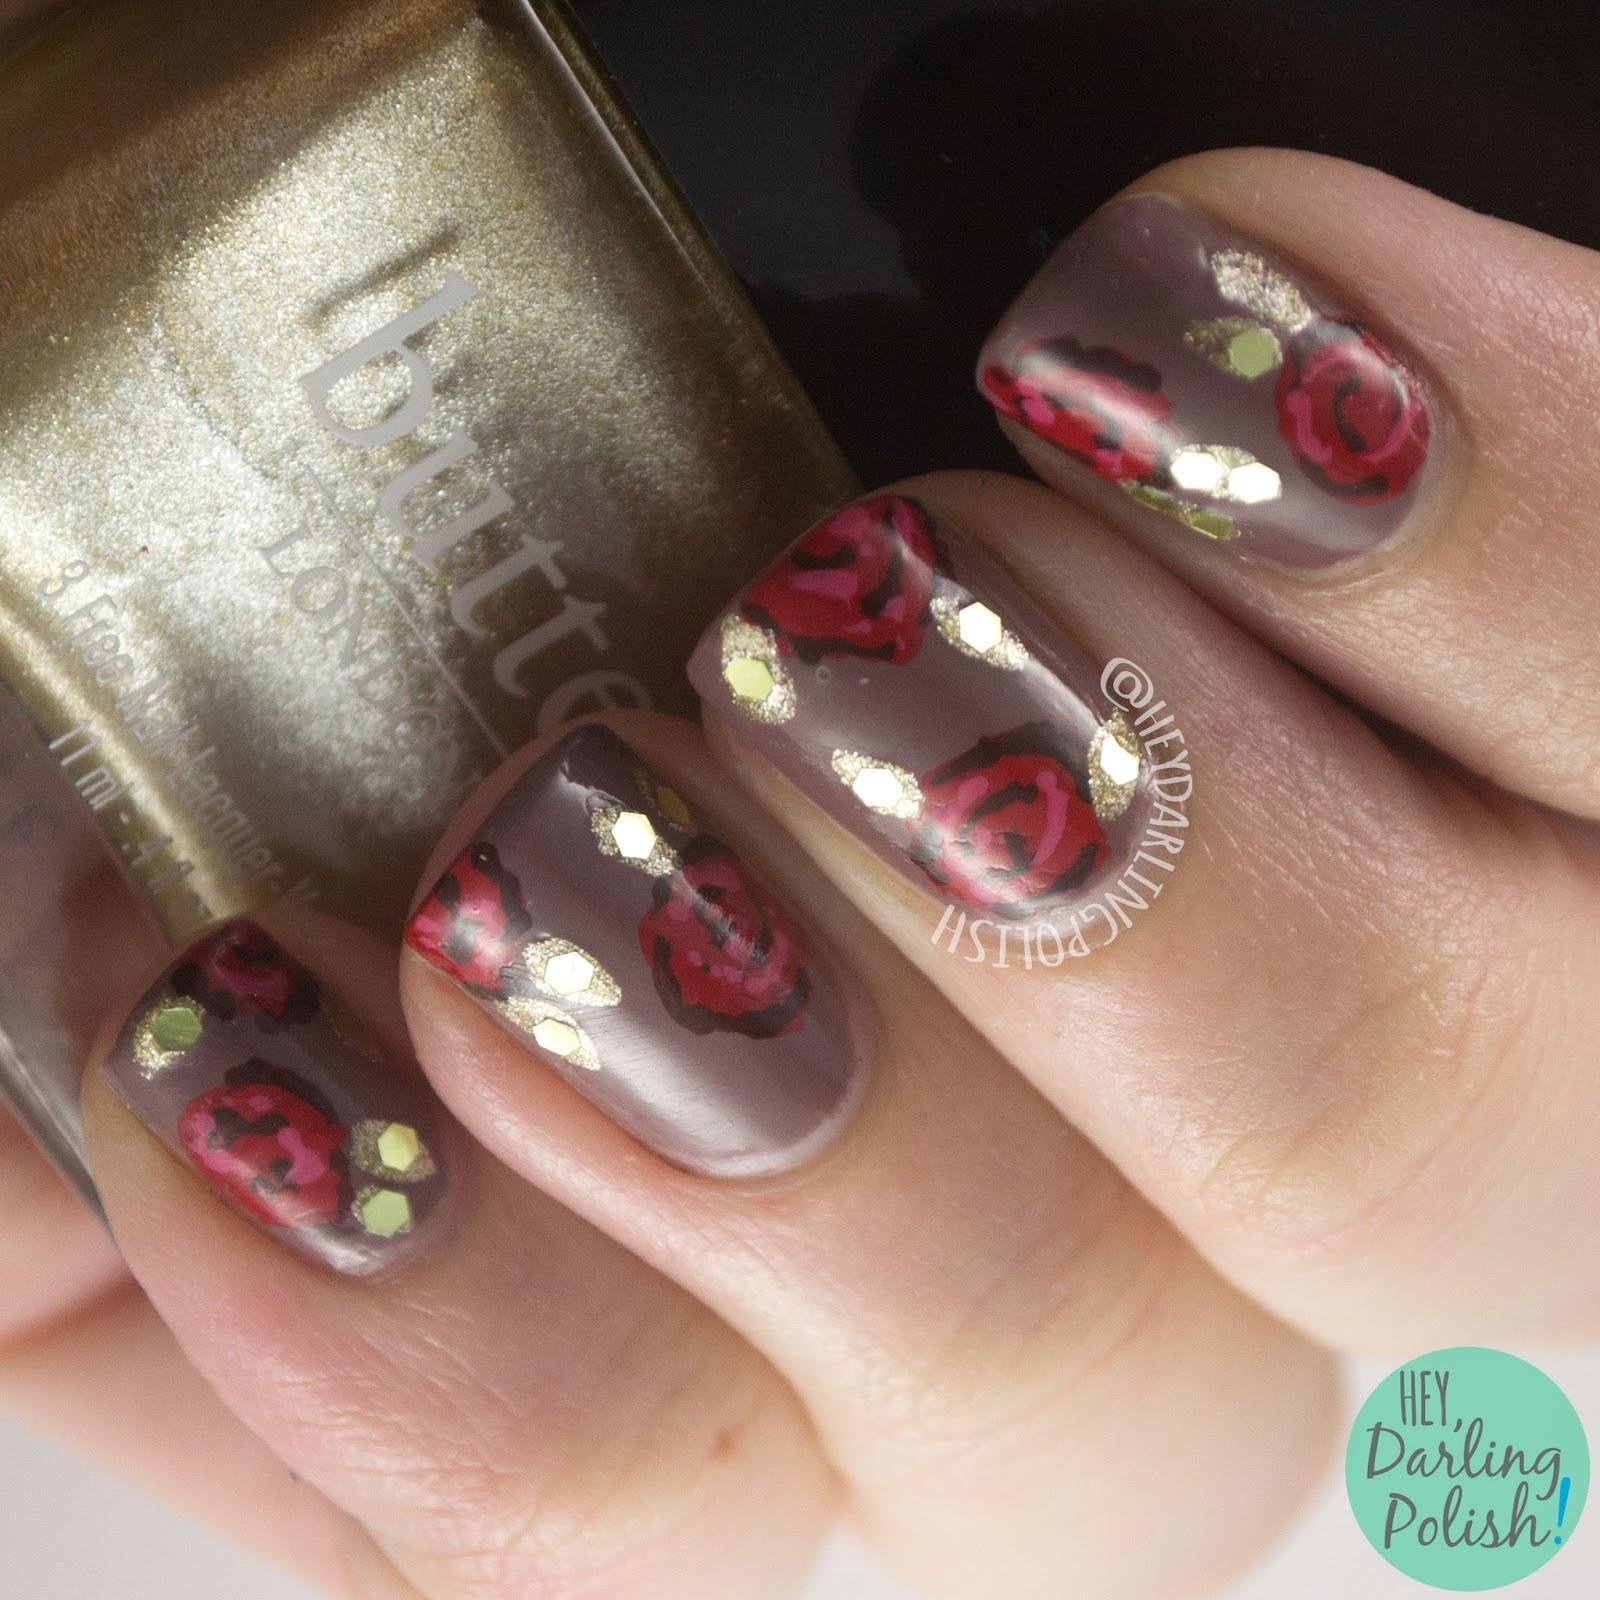 nails, nail art, nail polish, hey darling polish, roses, red, gold, fashion, dolce and gabbana, the nail challenge collaborative